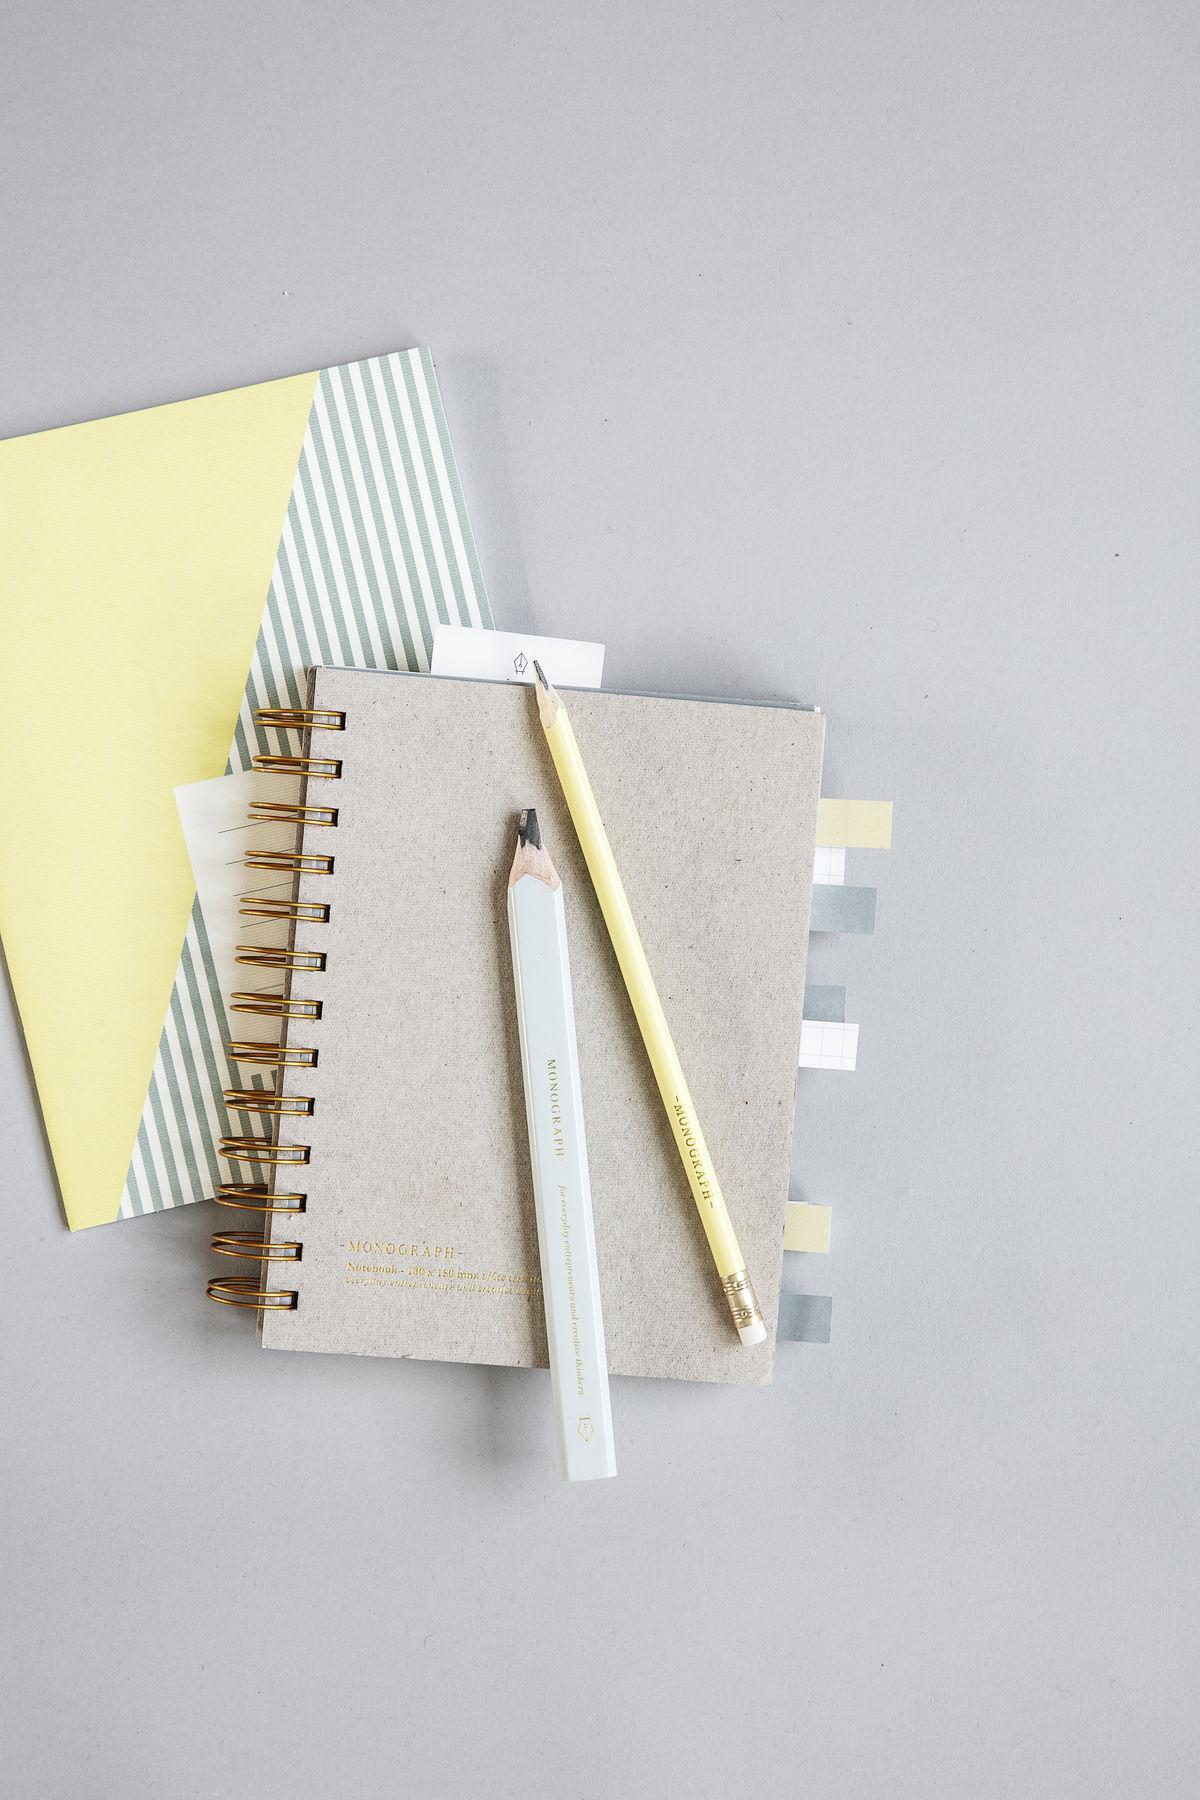 Monograph Small Note Book